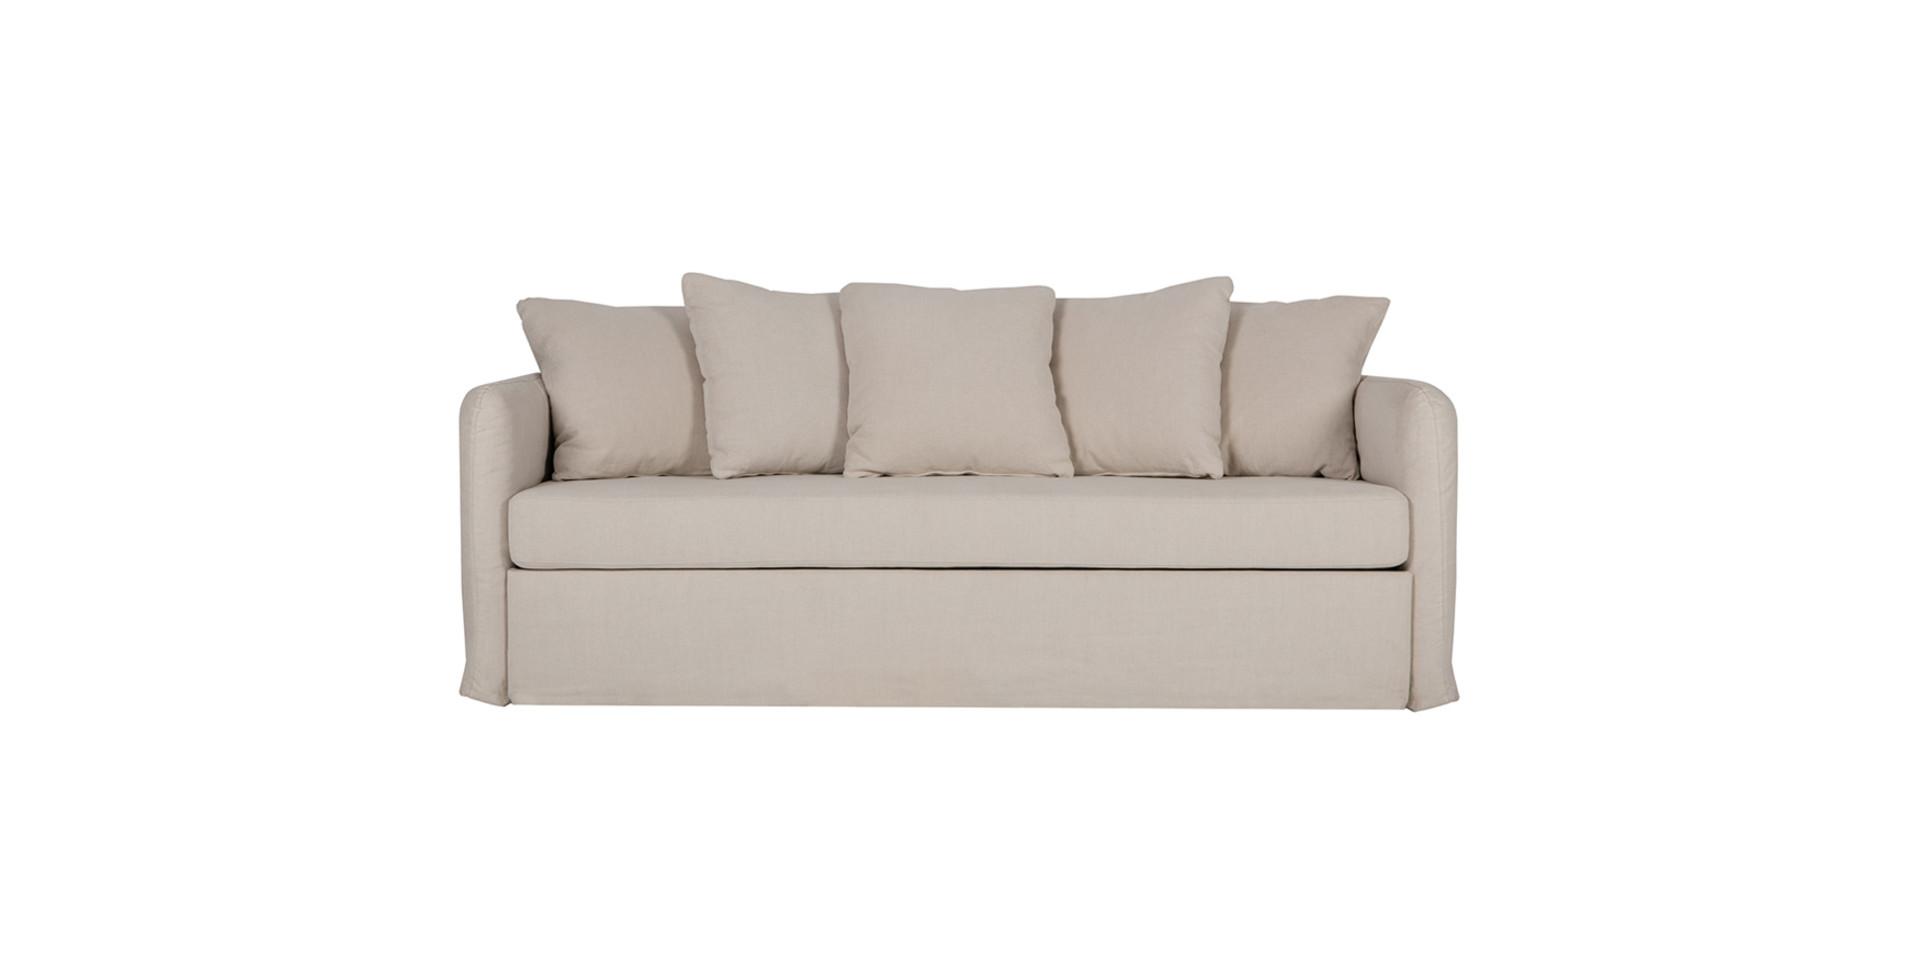 LOTTA_sofa_bed_caleido3790_beige_1